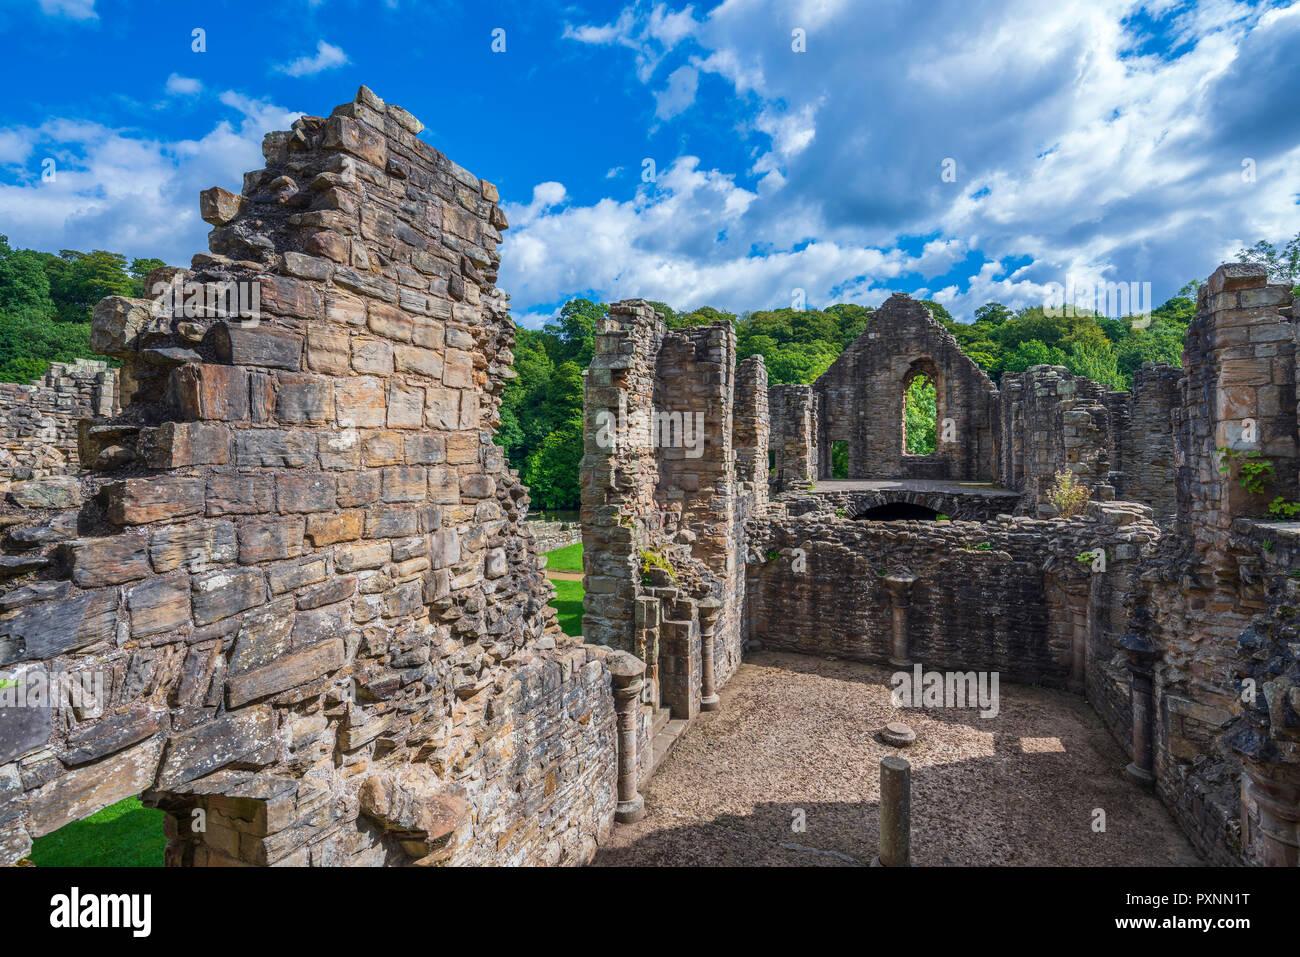 Finchale Priory, Durham, England, United Kingdom, Europe - Stock Image